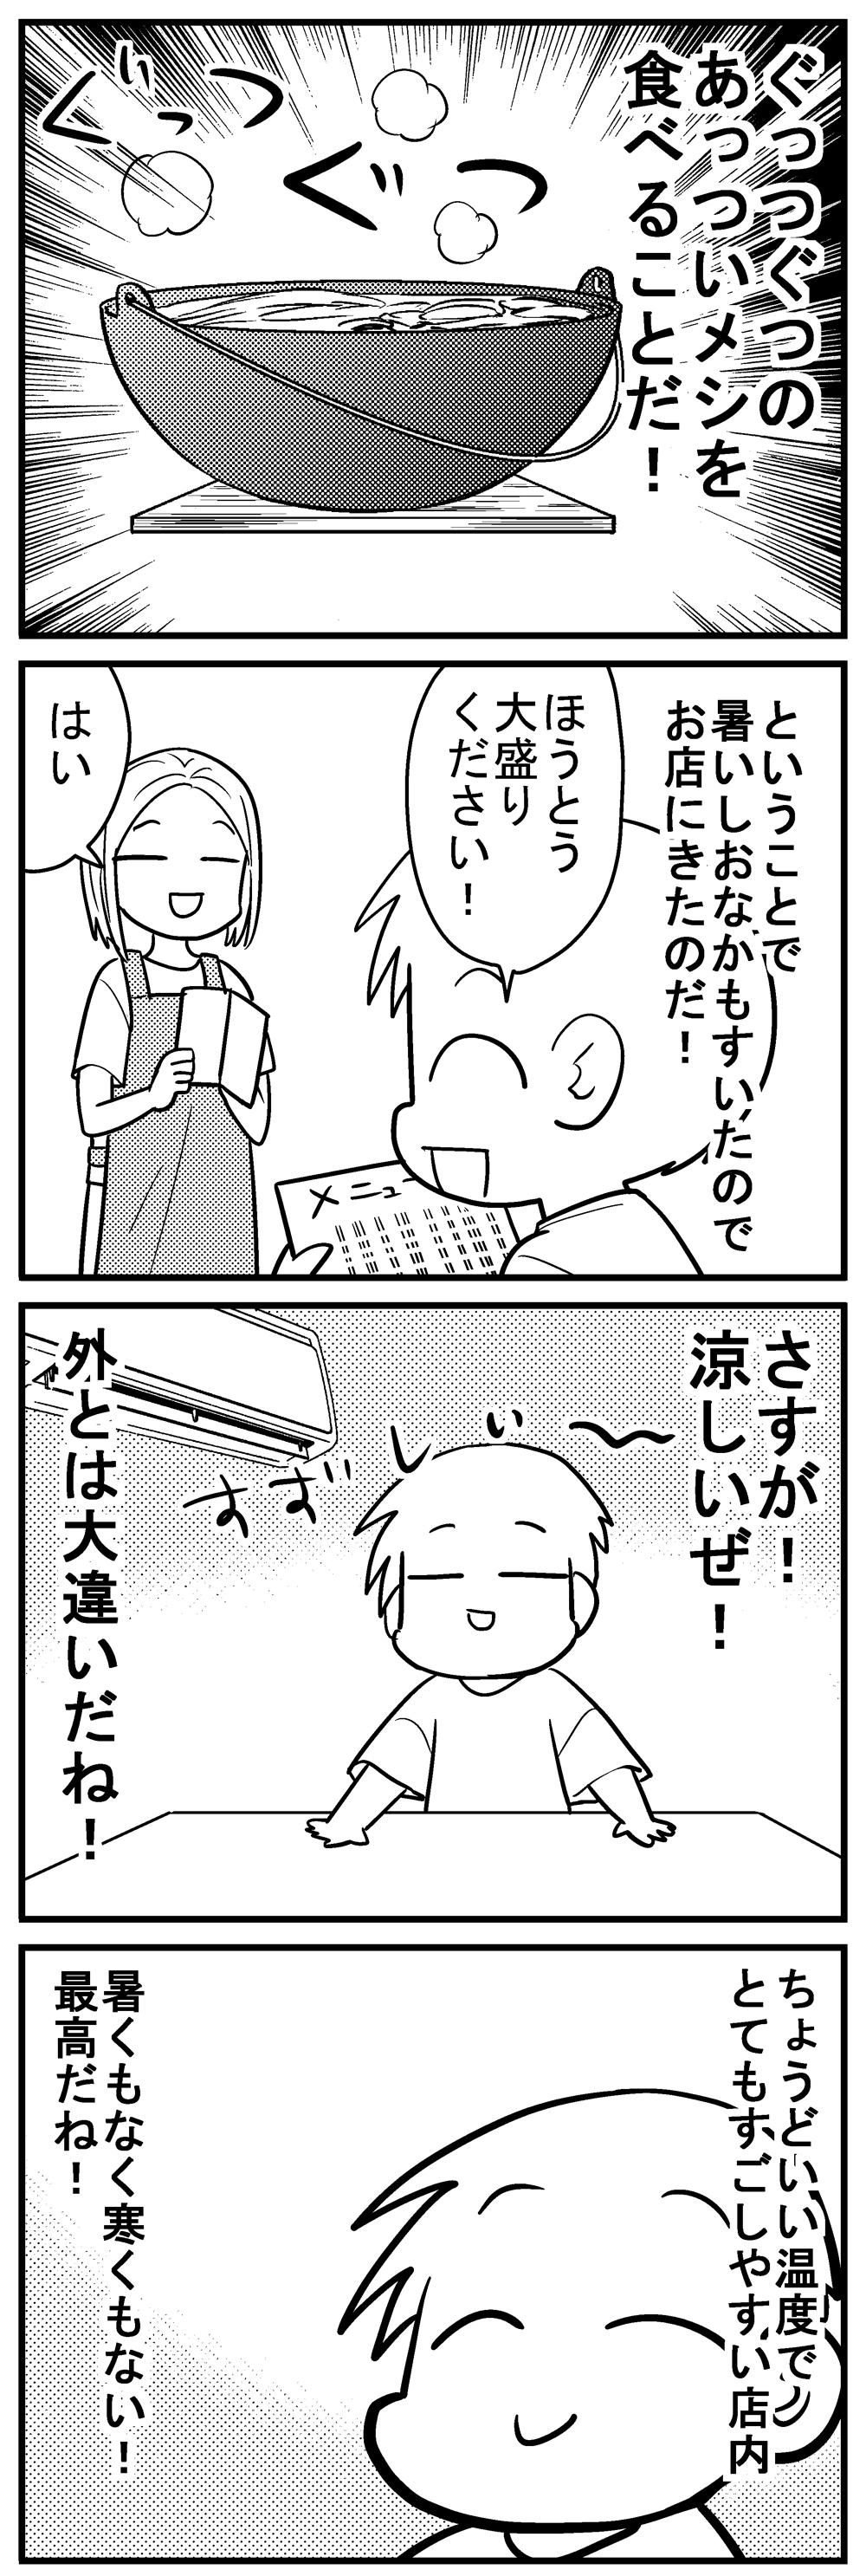 深読みくん72 2